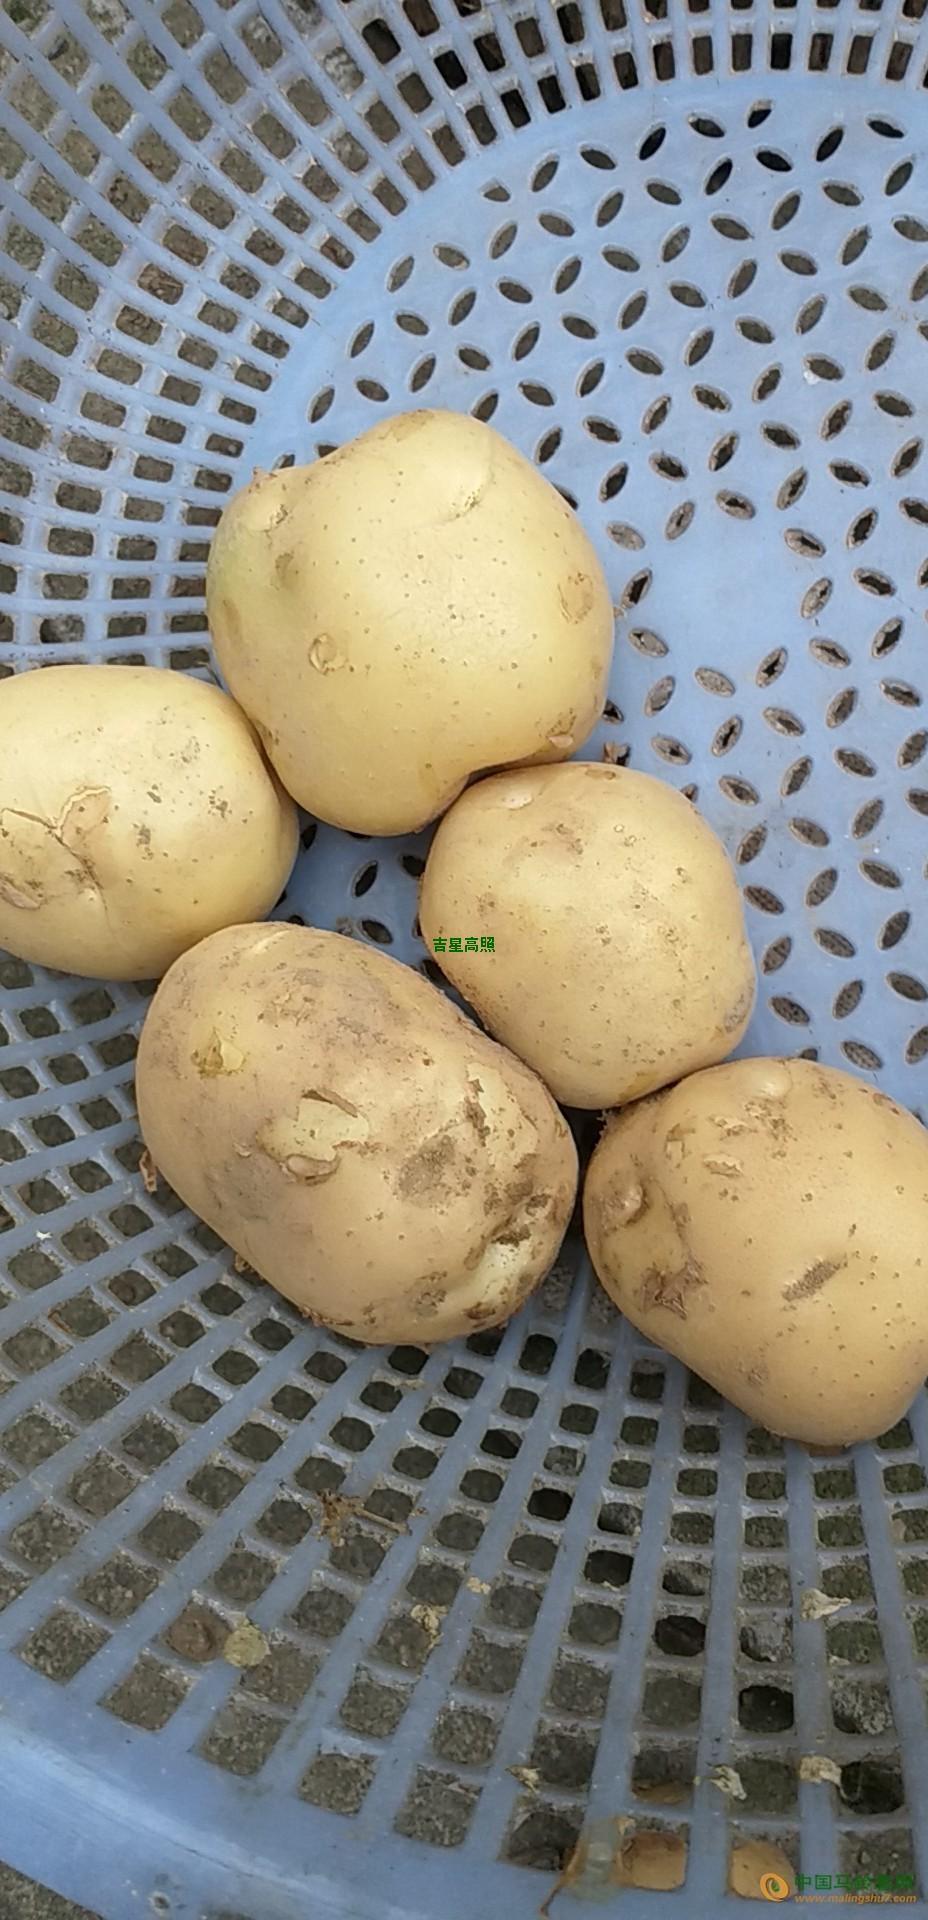 土豆大量上市 ()